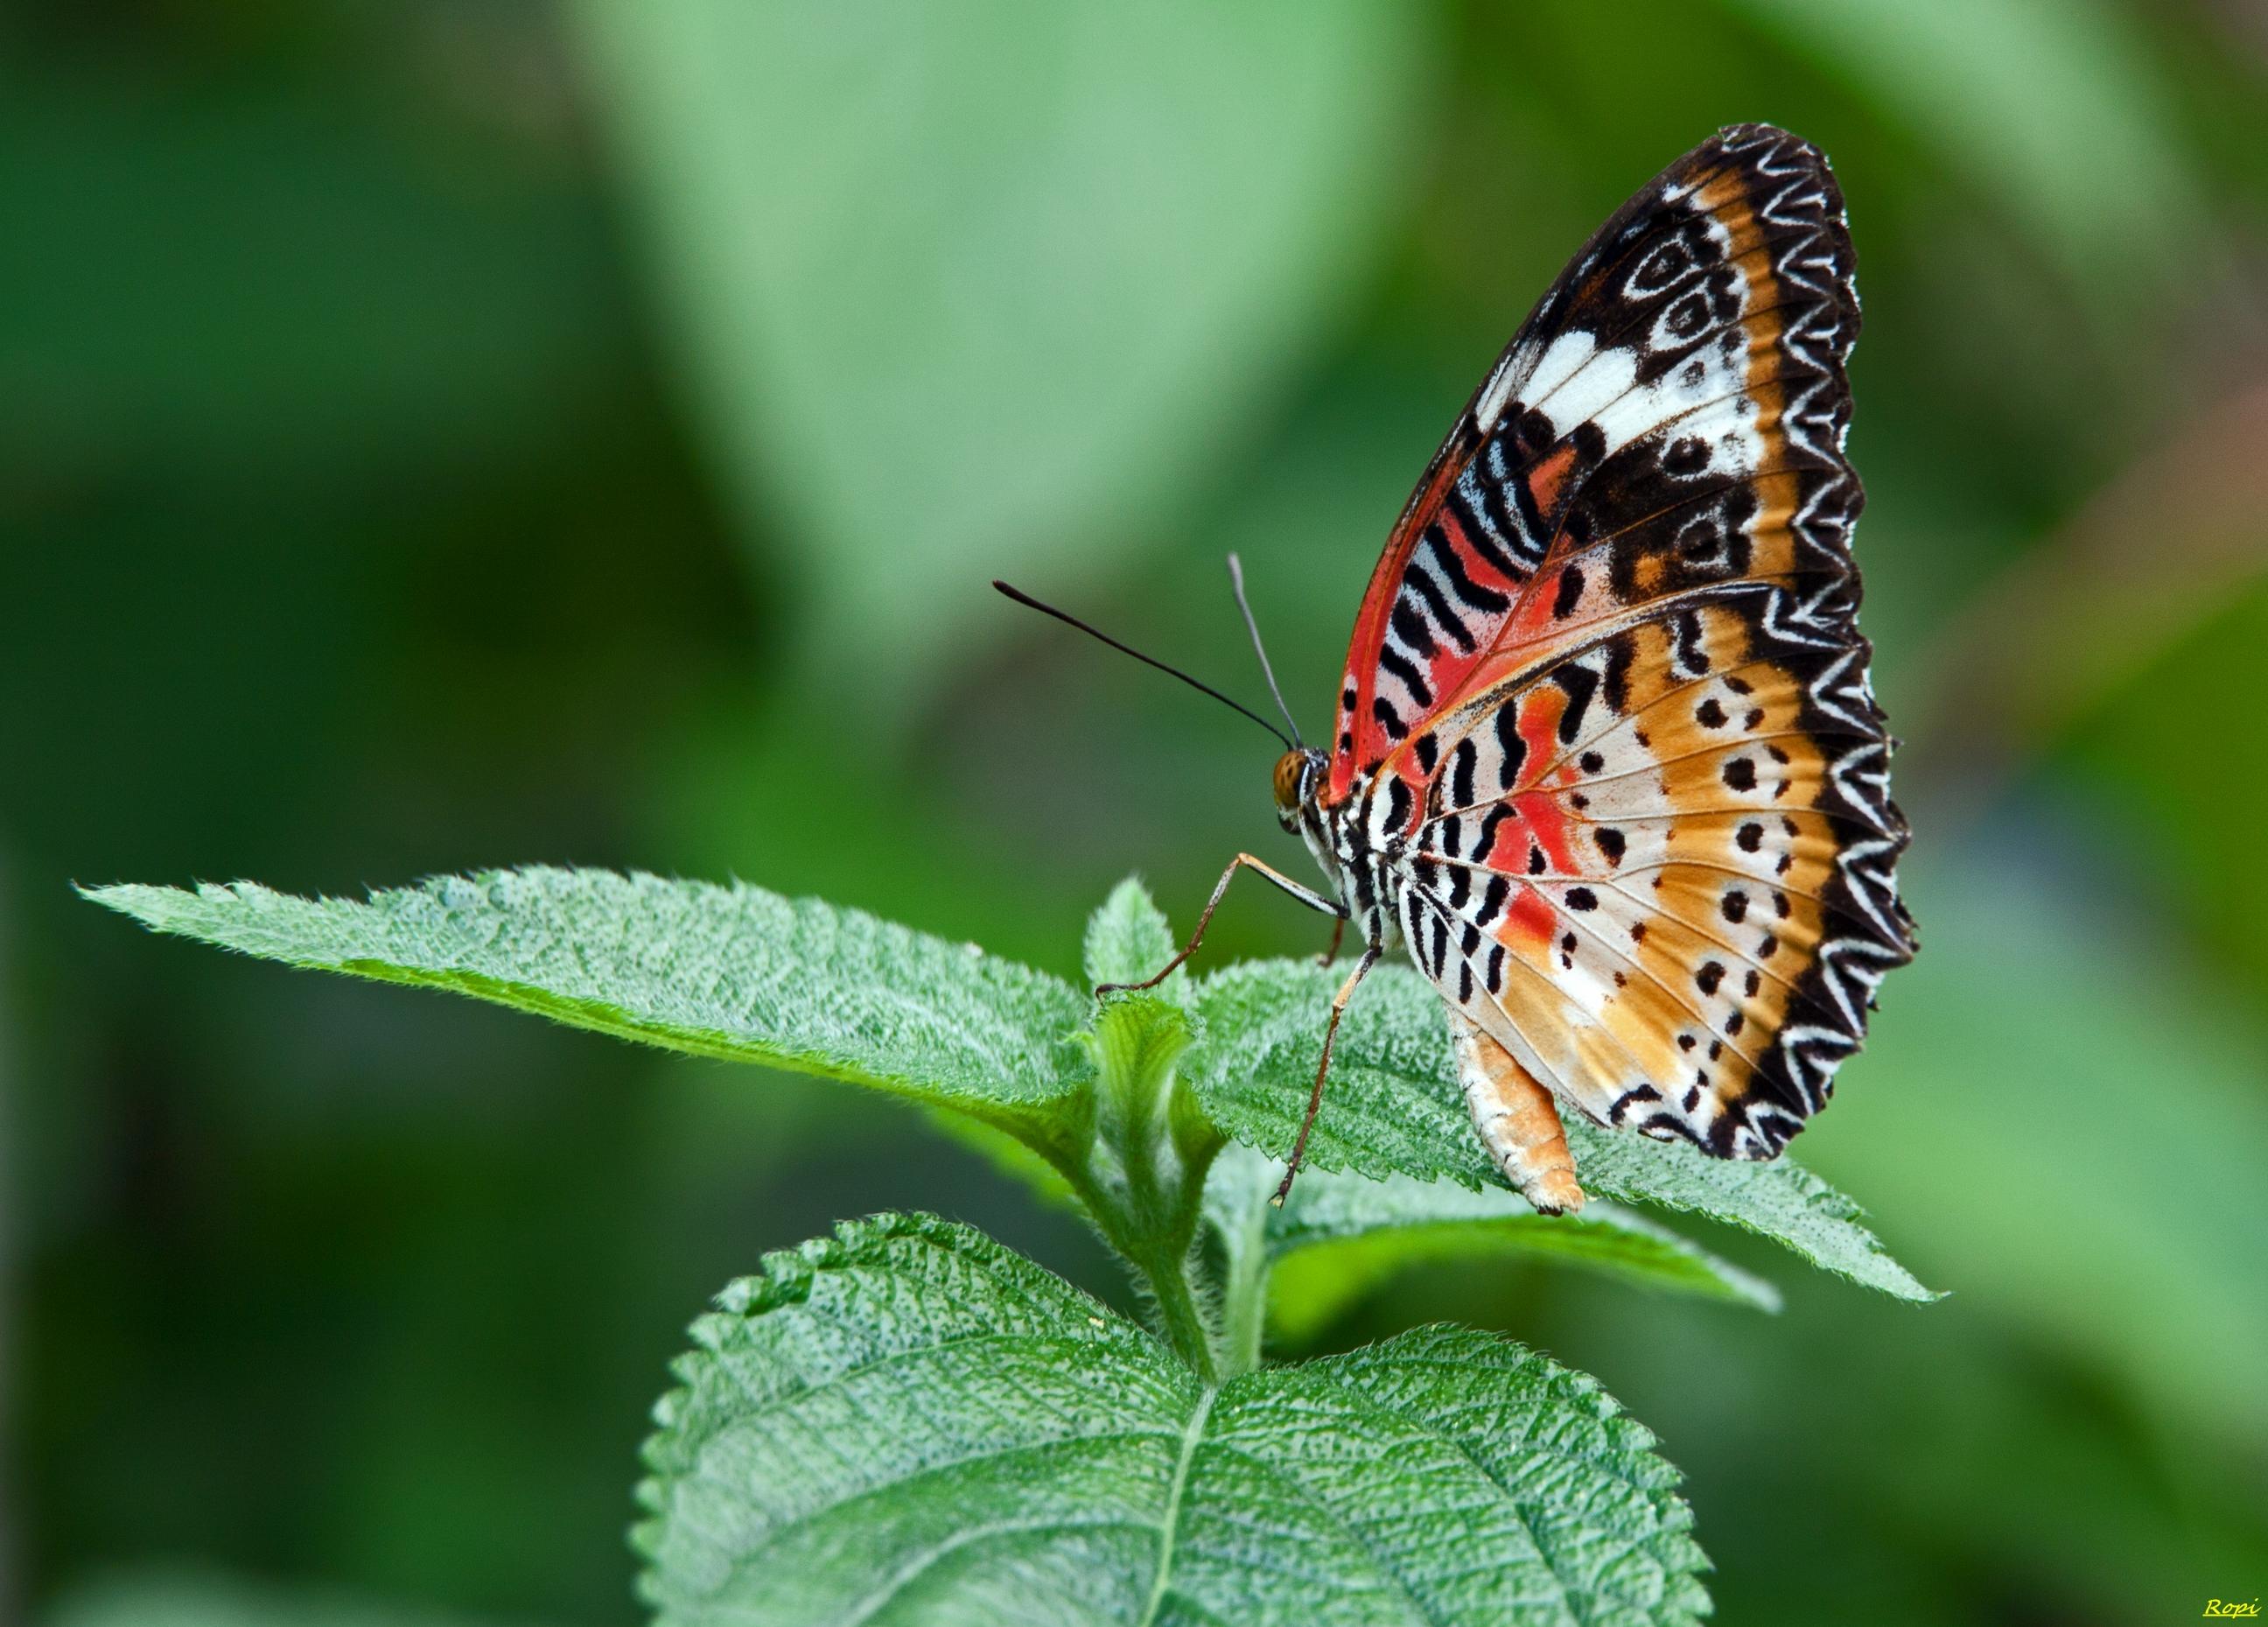 壁纸 昆虫 Lycaenid 飞蛾和蝴蝶 刷脚蝶 无脊椎动物 传粉者 微距